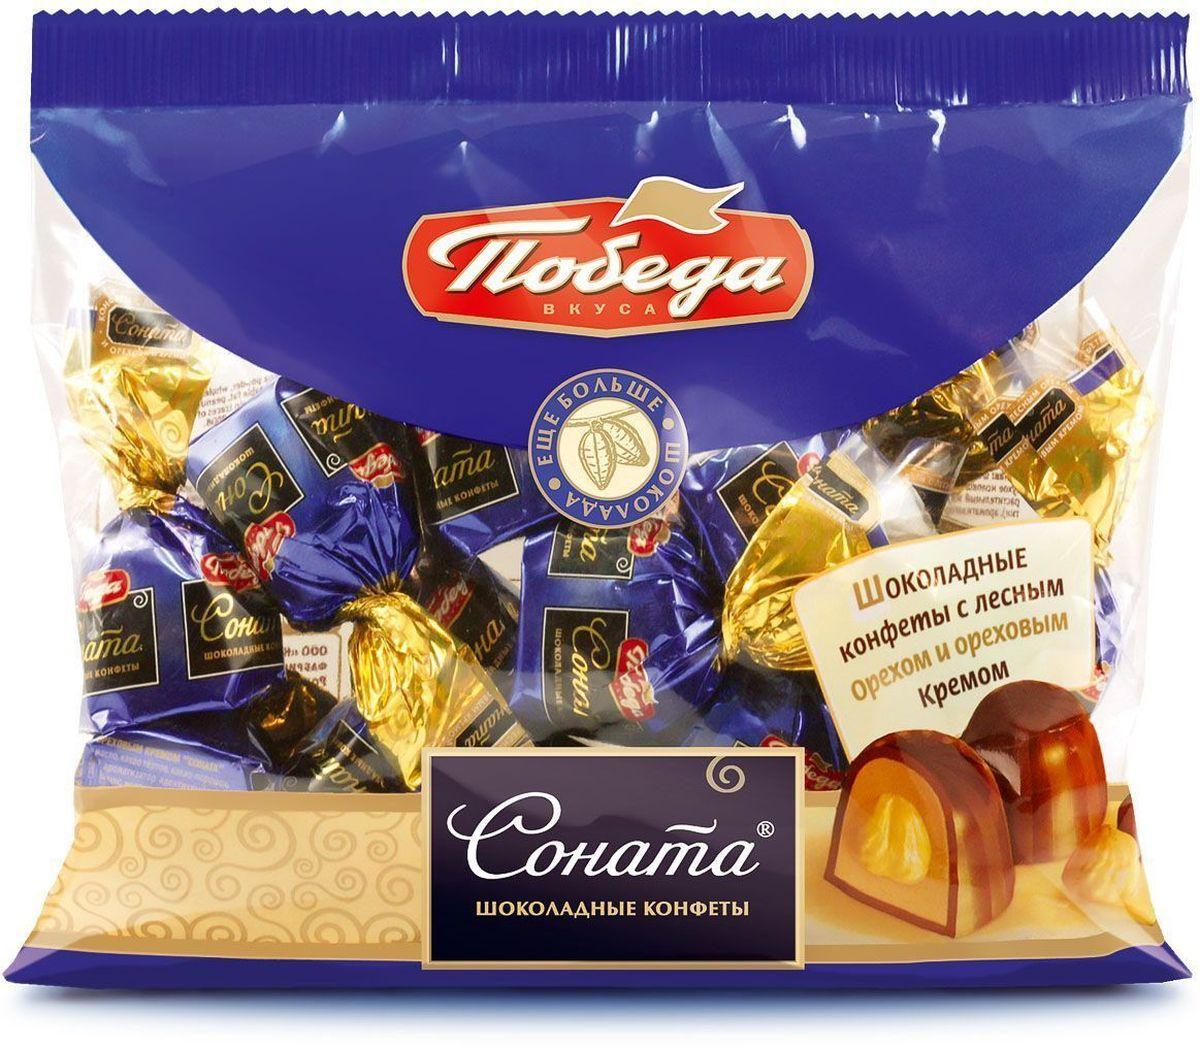 Победа вкуса Соната шоколадные конфеты с лесным орехом и ореховым кремом, 250 г шоколадные годы конфеты ассорти 190 г